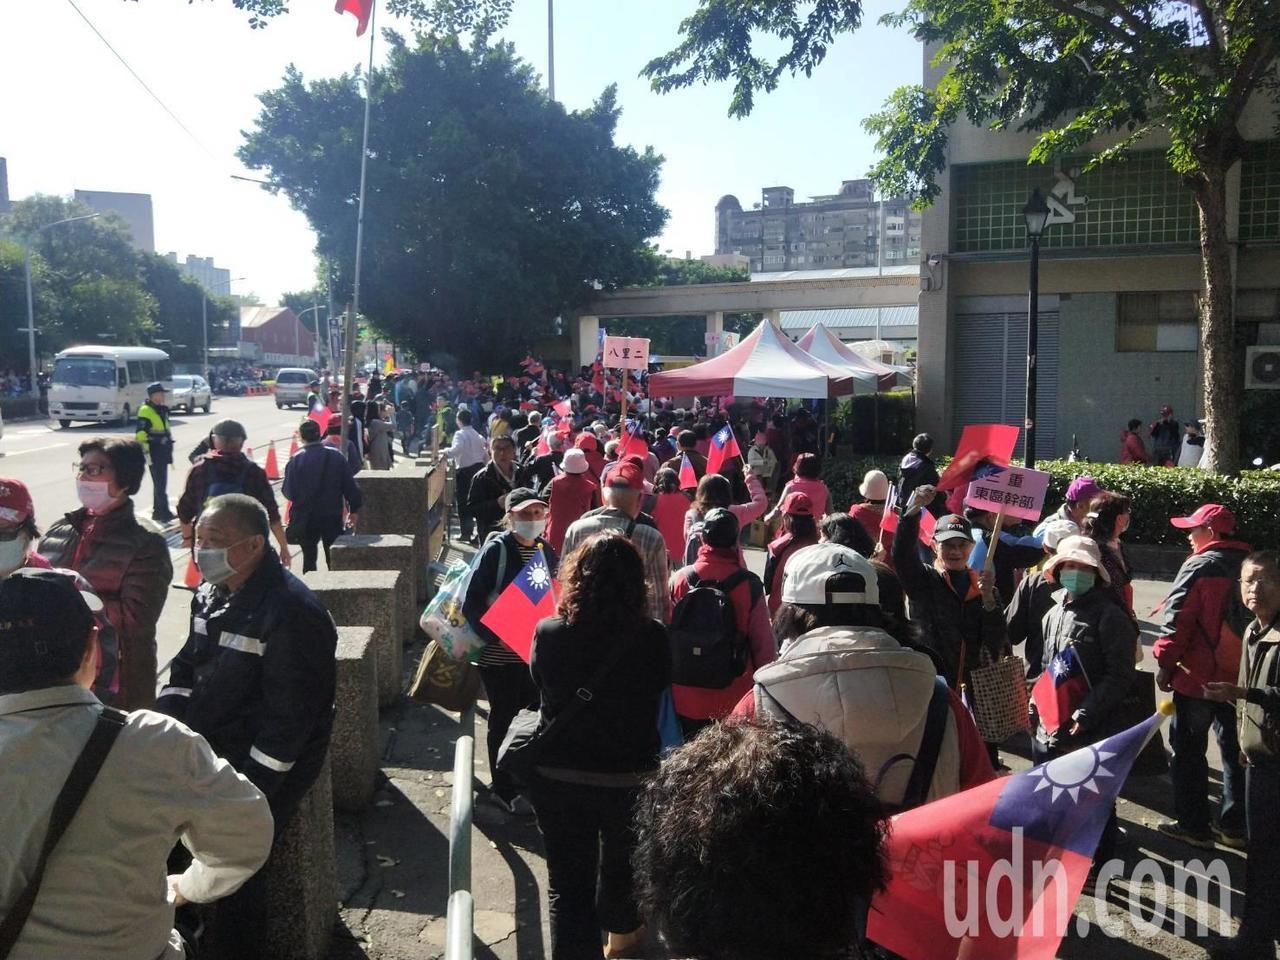 国民党总统候选人韩国瑜今在板桥第二运动场举办造势活动,场外形成国旗人龙。记者江婉...